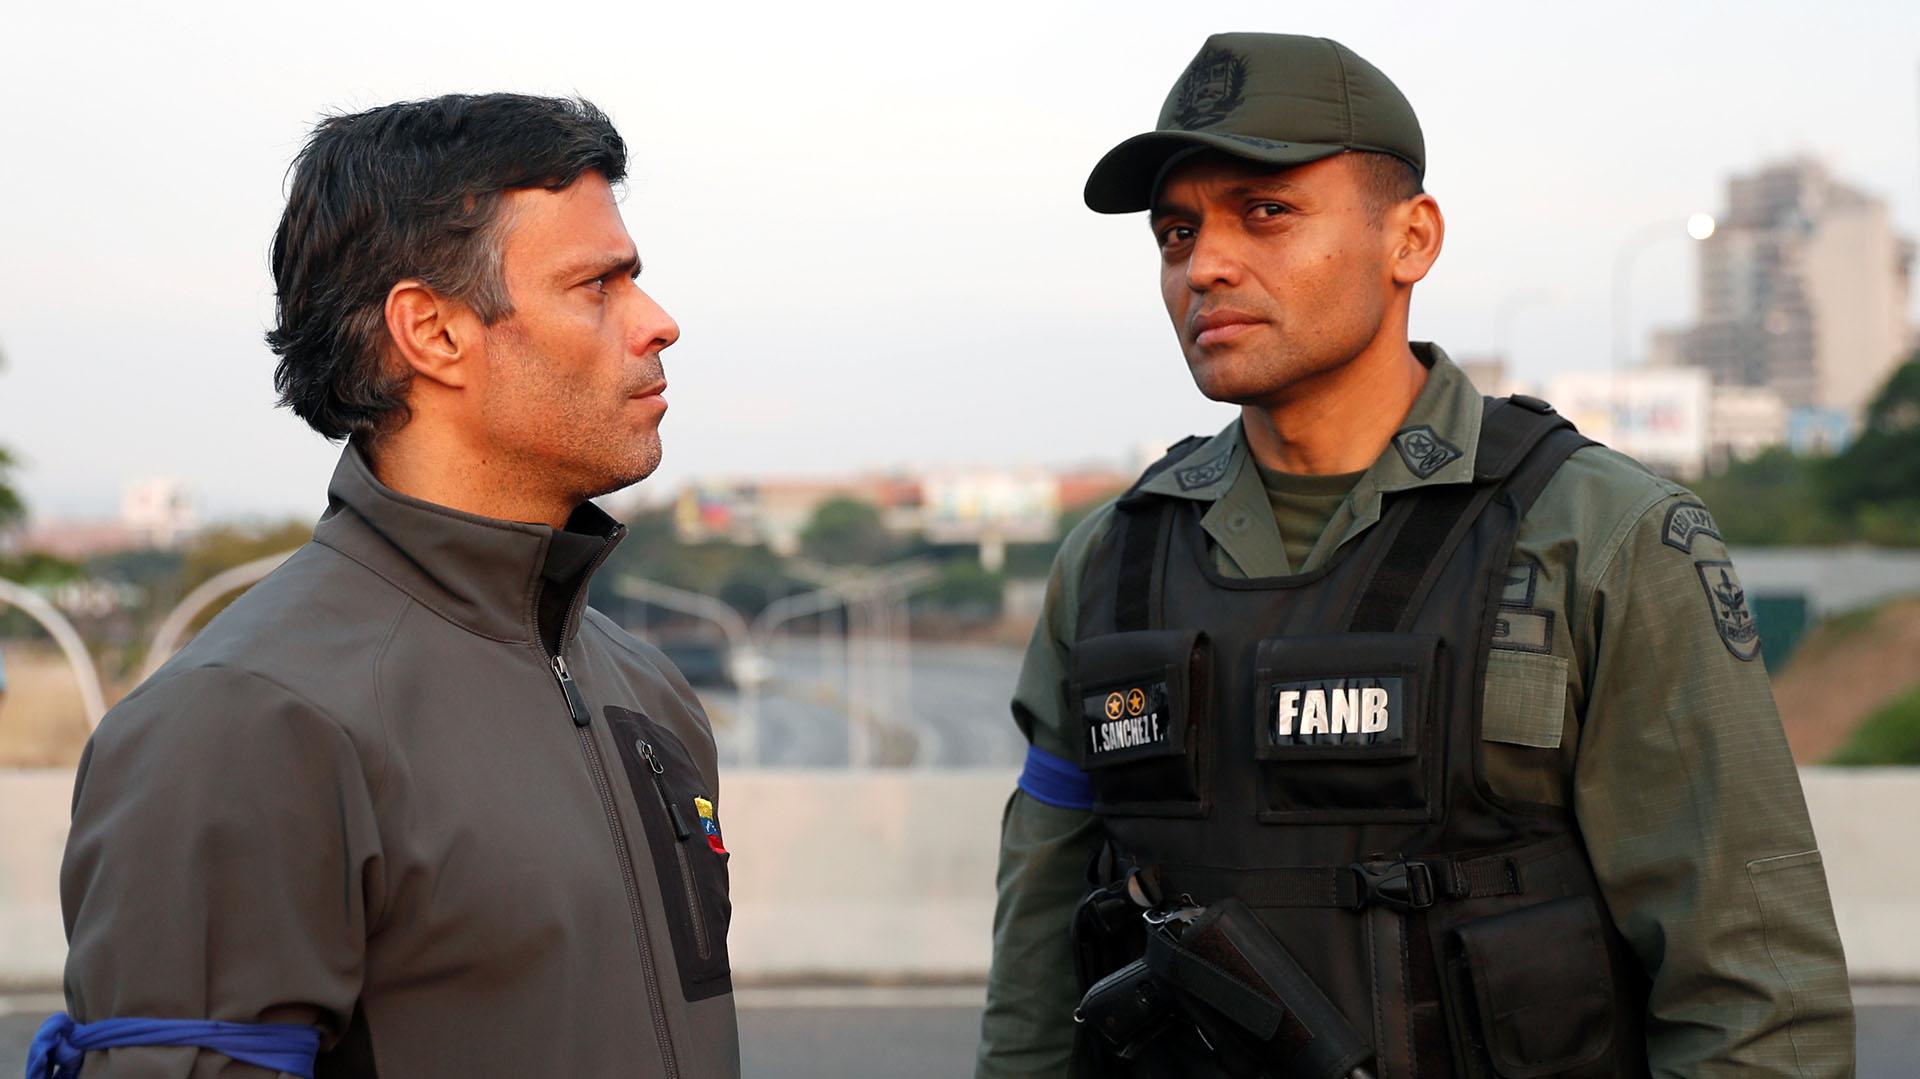 """El líder opositor Leopoldo Lopez junto a un militar en la base aérea """"La Carlota"""" tras ser liberado por Juan Guaidó el 30 de abril de 2019."""